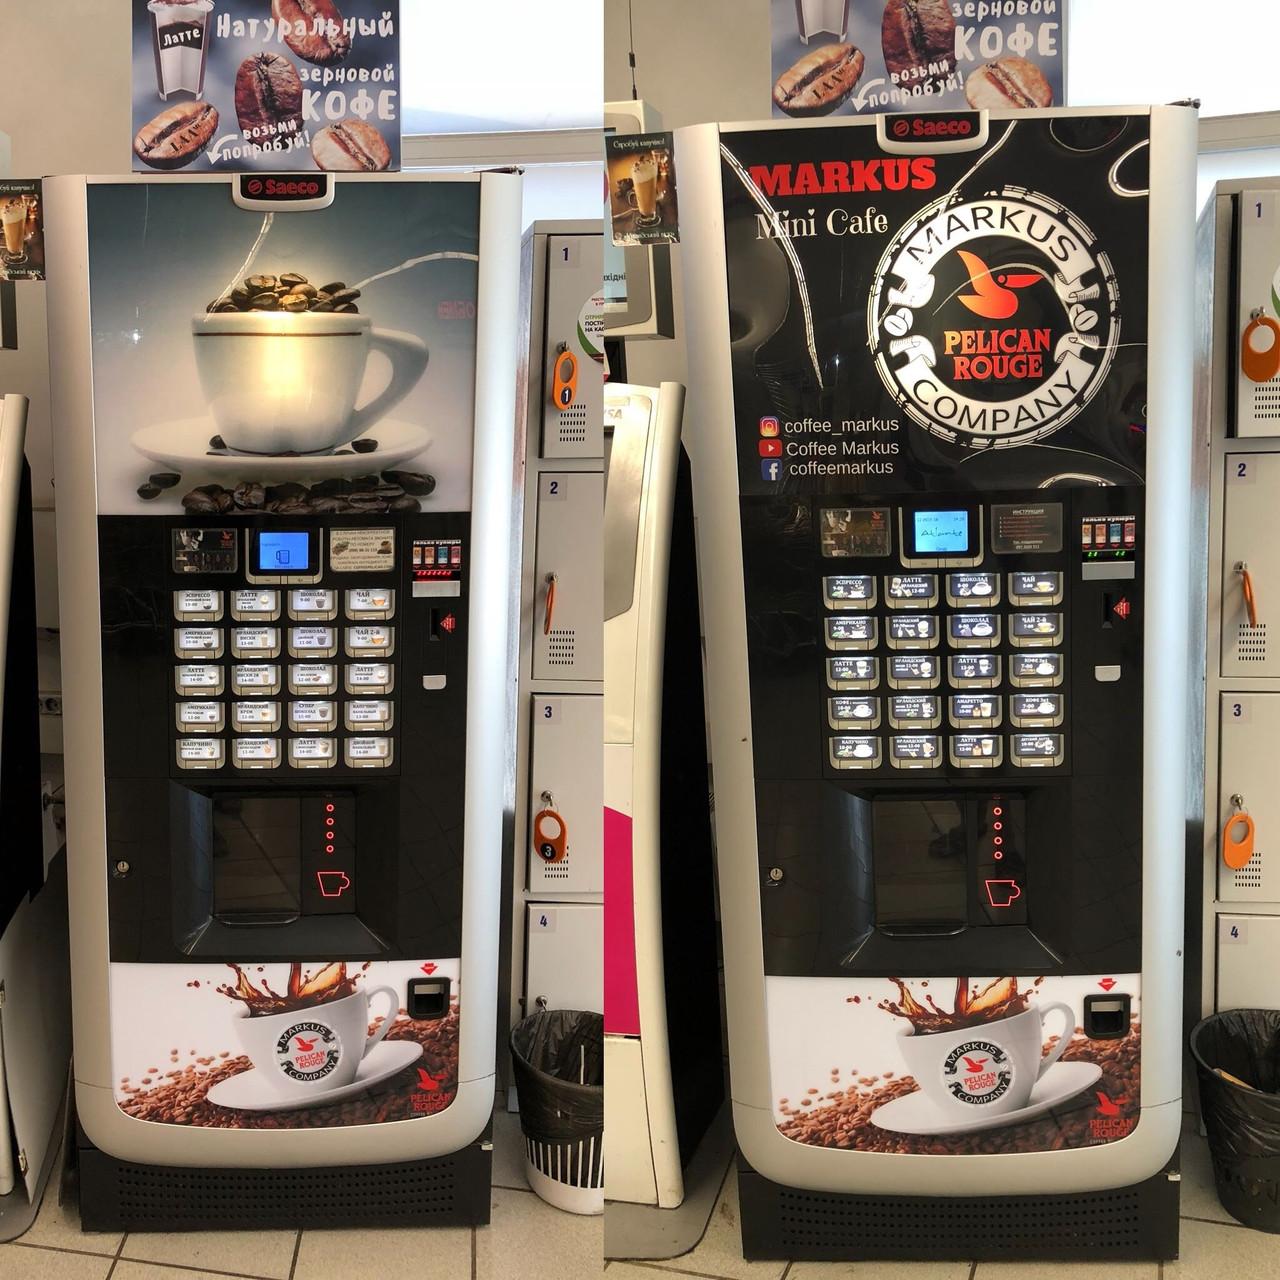 Saeco Atlante 700 Кавовий автомат дві кавомолки БУ